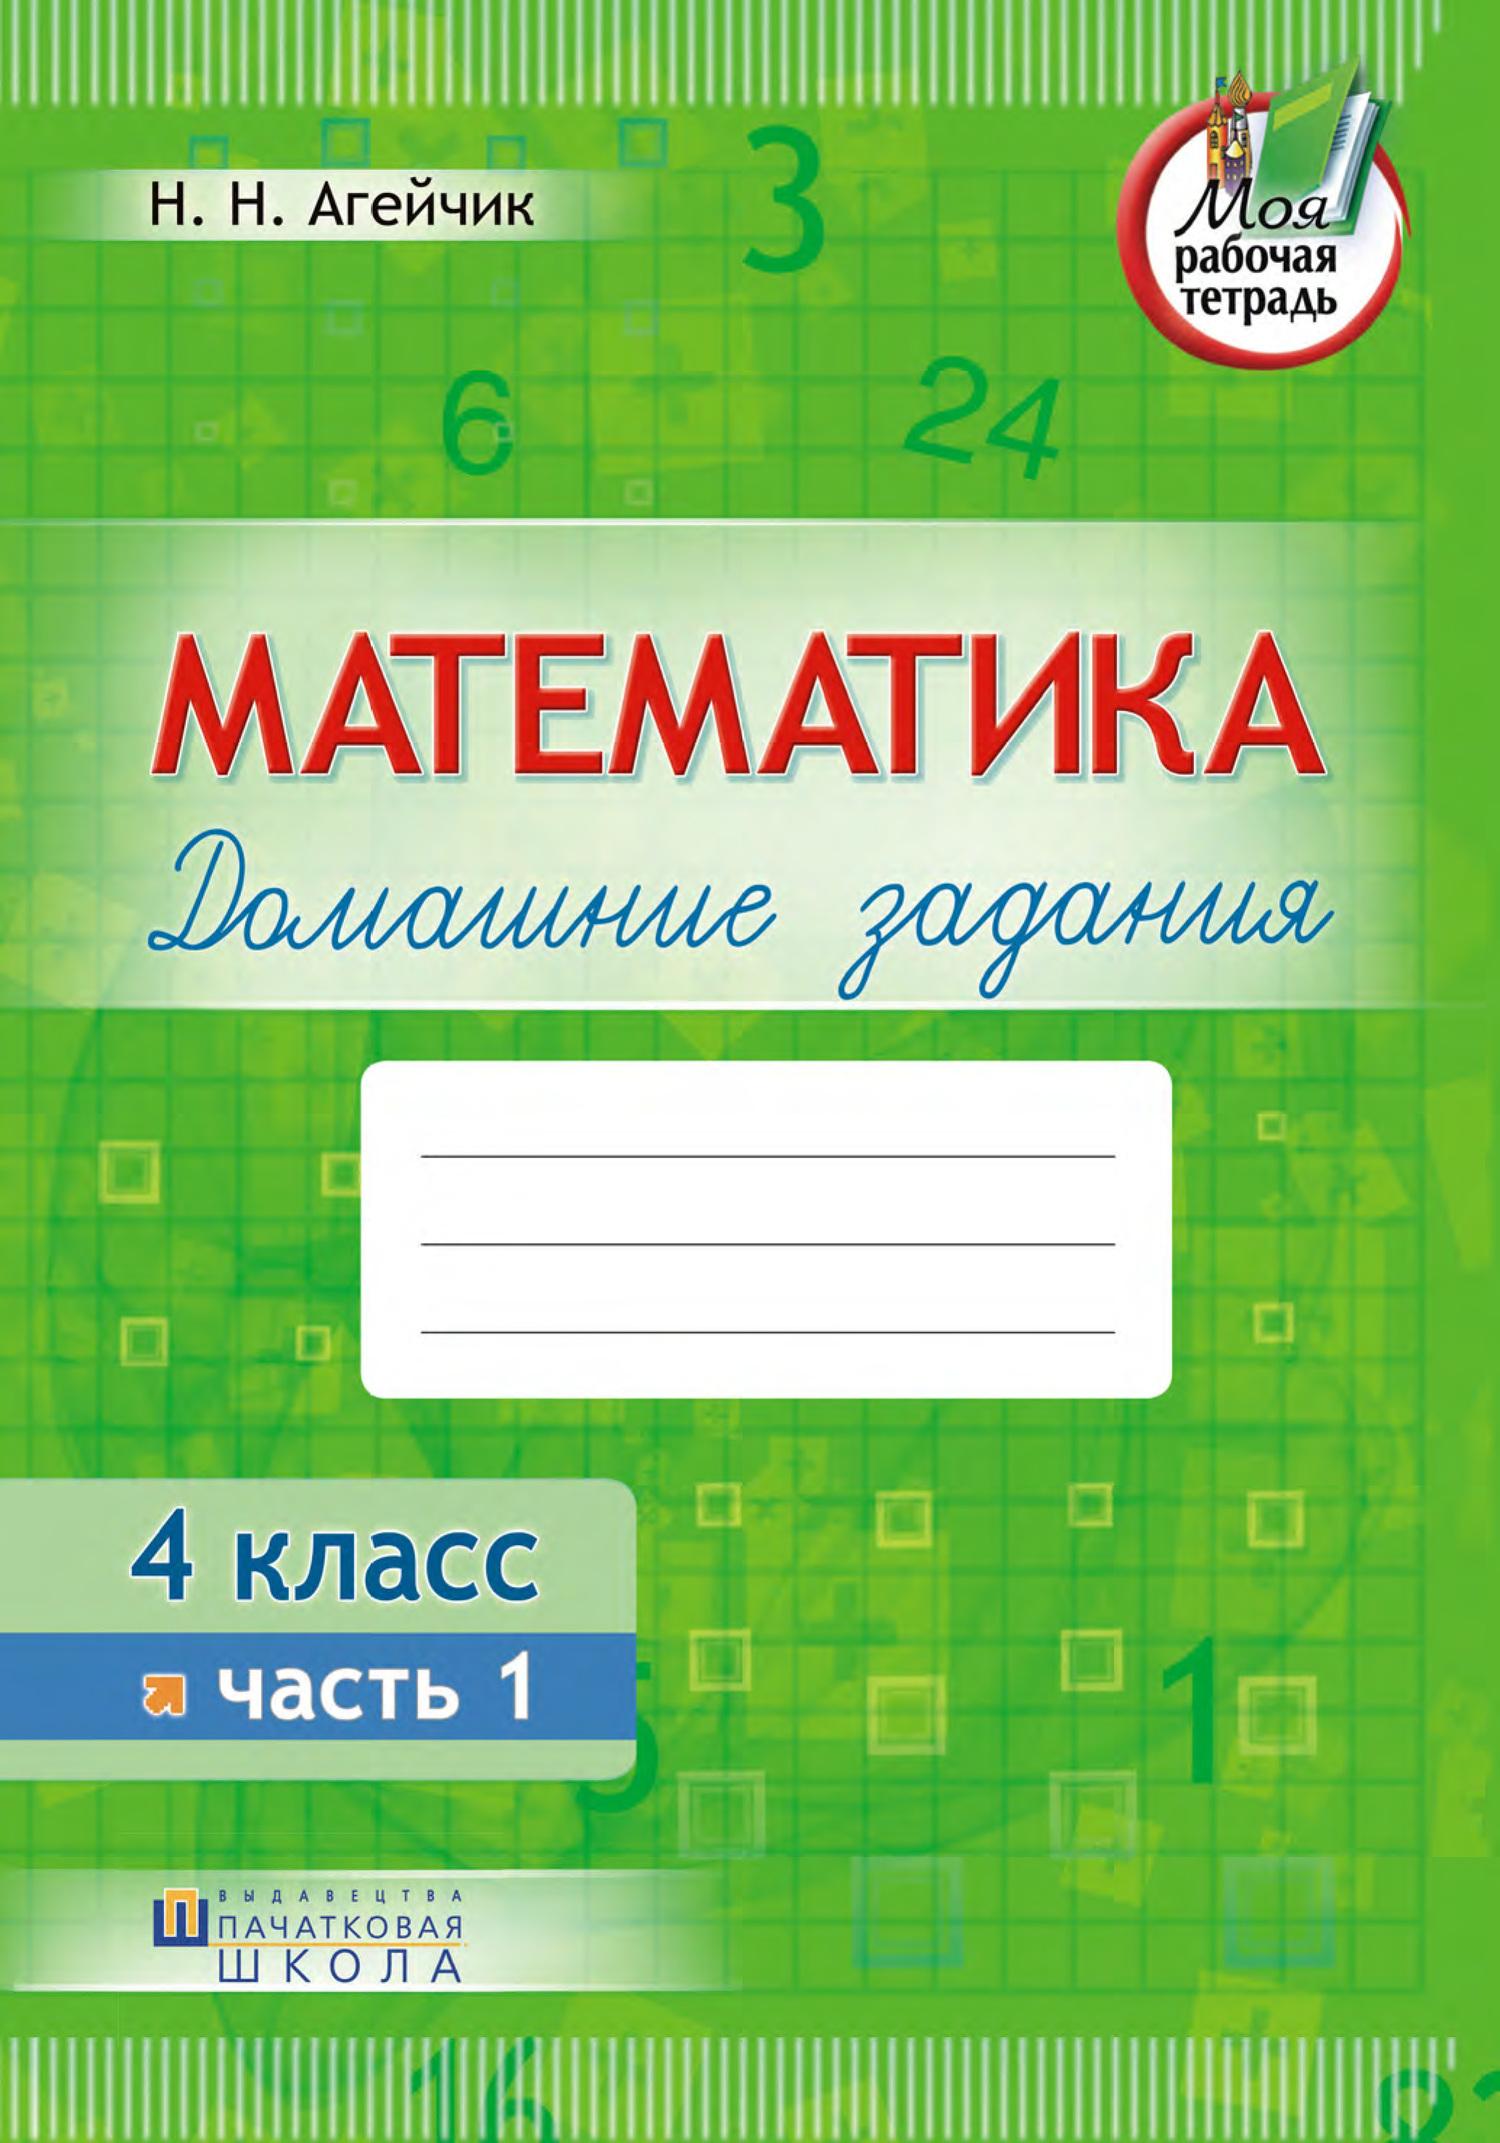 Наталья Агейчик Математика. Домашние задания. 4 класс. Часть 1 английский для школьников 1–4 х классов